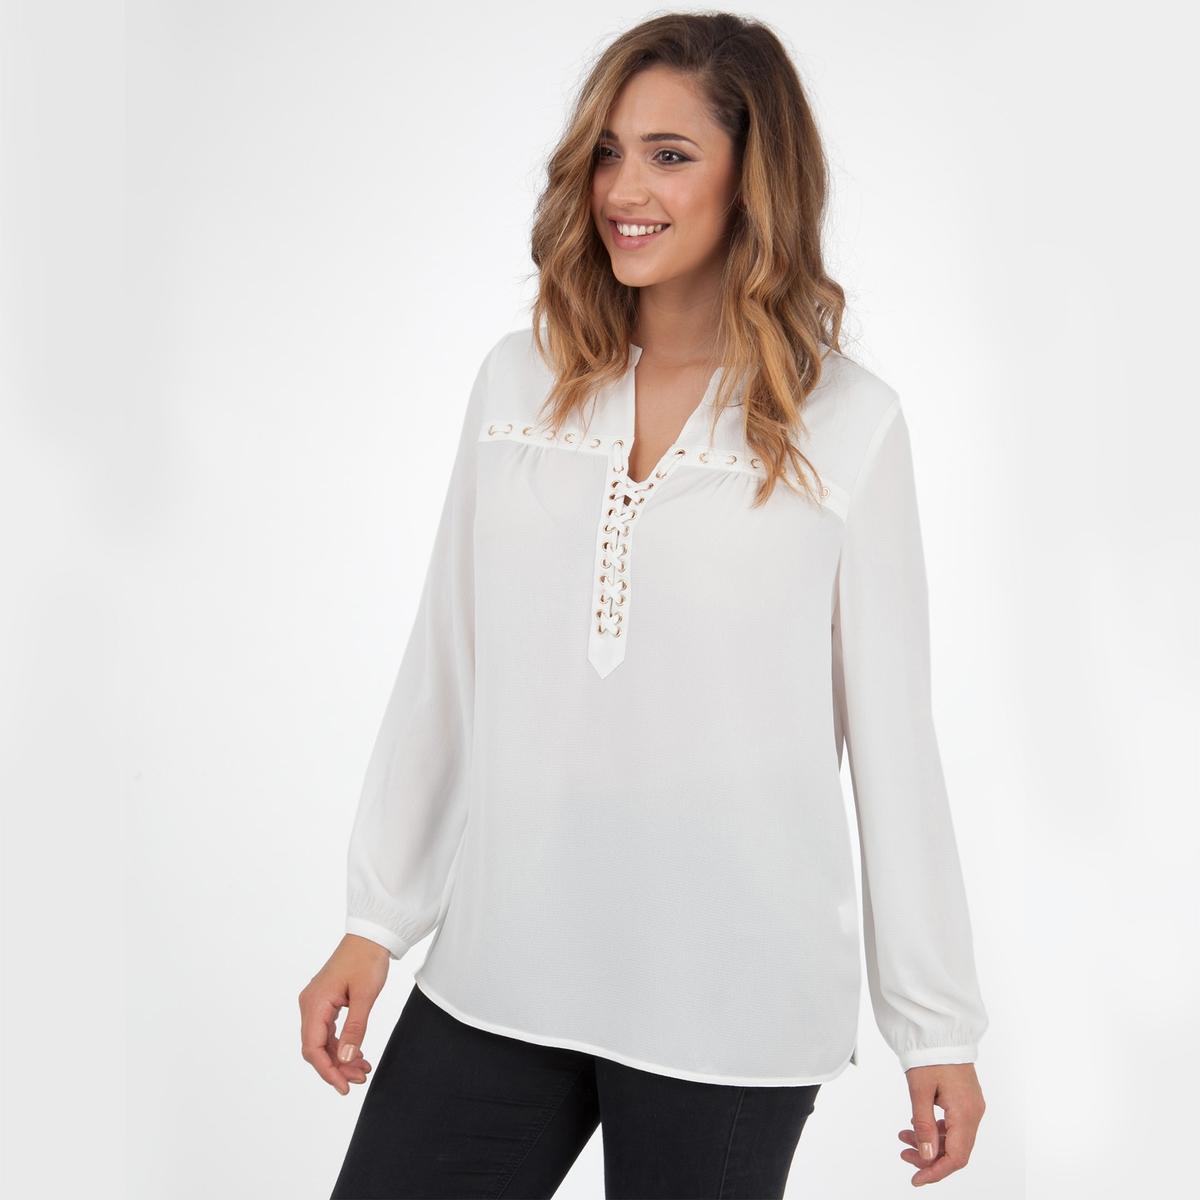 БлузкаБлузка с длинными рукавами LOVEDROBE.  Красивая блузка с эффектом шнуровки спереди  . 100% полиэстер<br><br>Цвет: слоновая кость<br>Размер: 50/52 (FR) - 56/58 (RUS).46 (FR) - 52 (RUS)